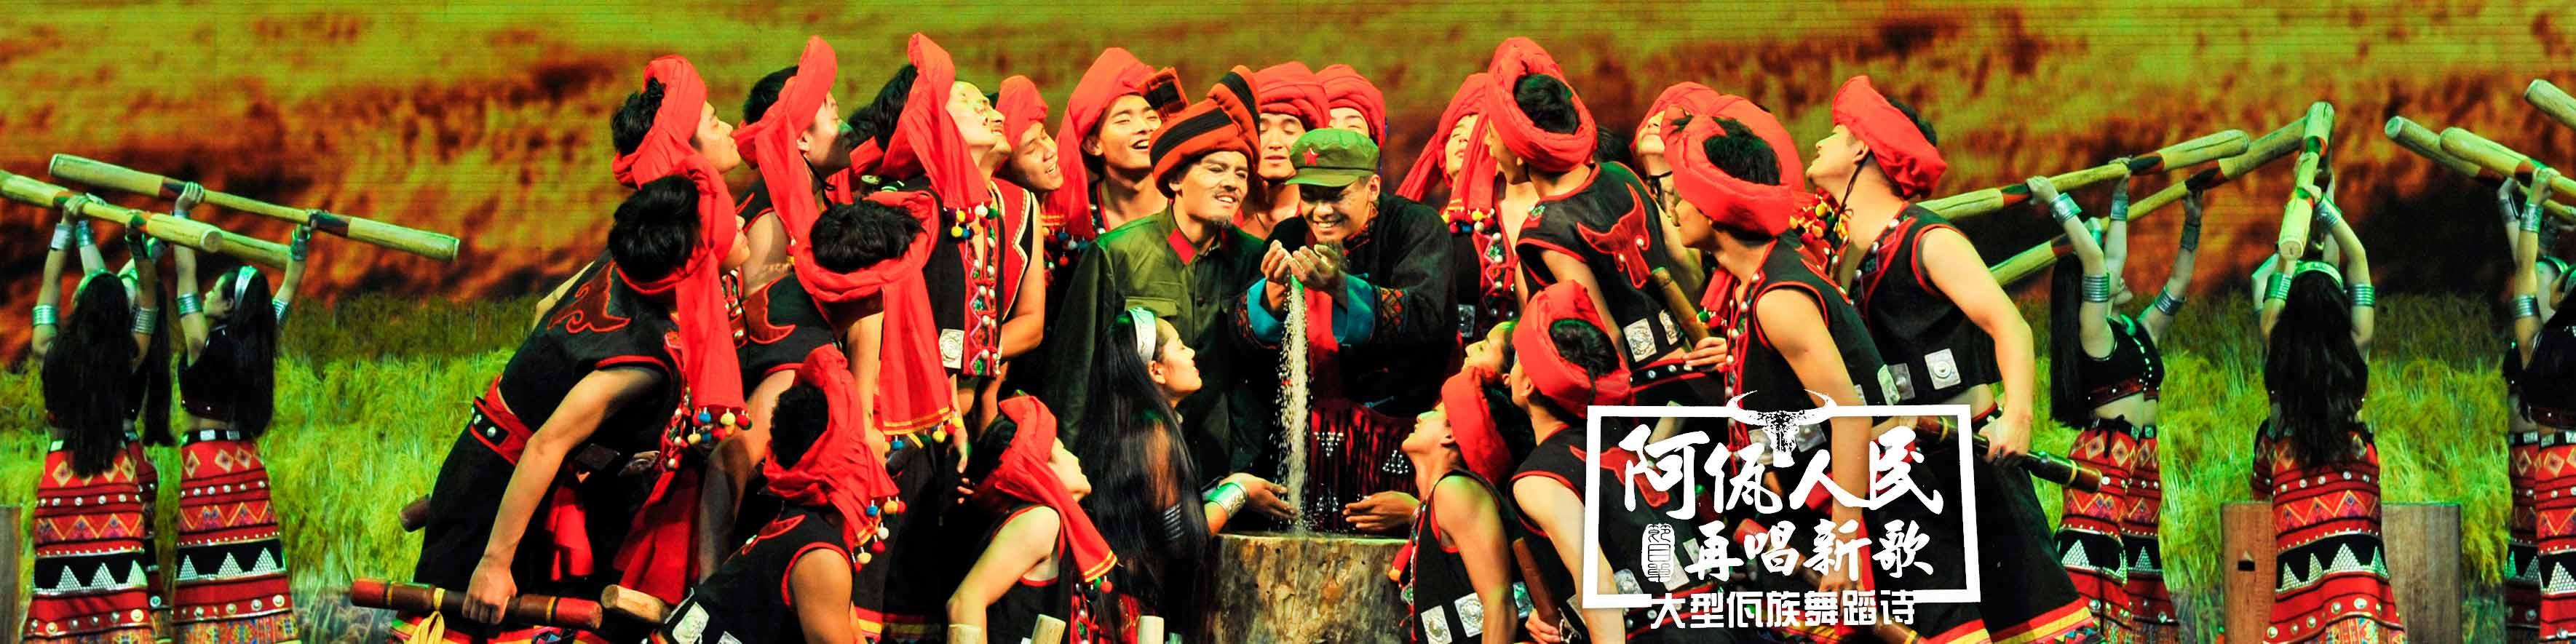 阿佤人民再唱新歌